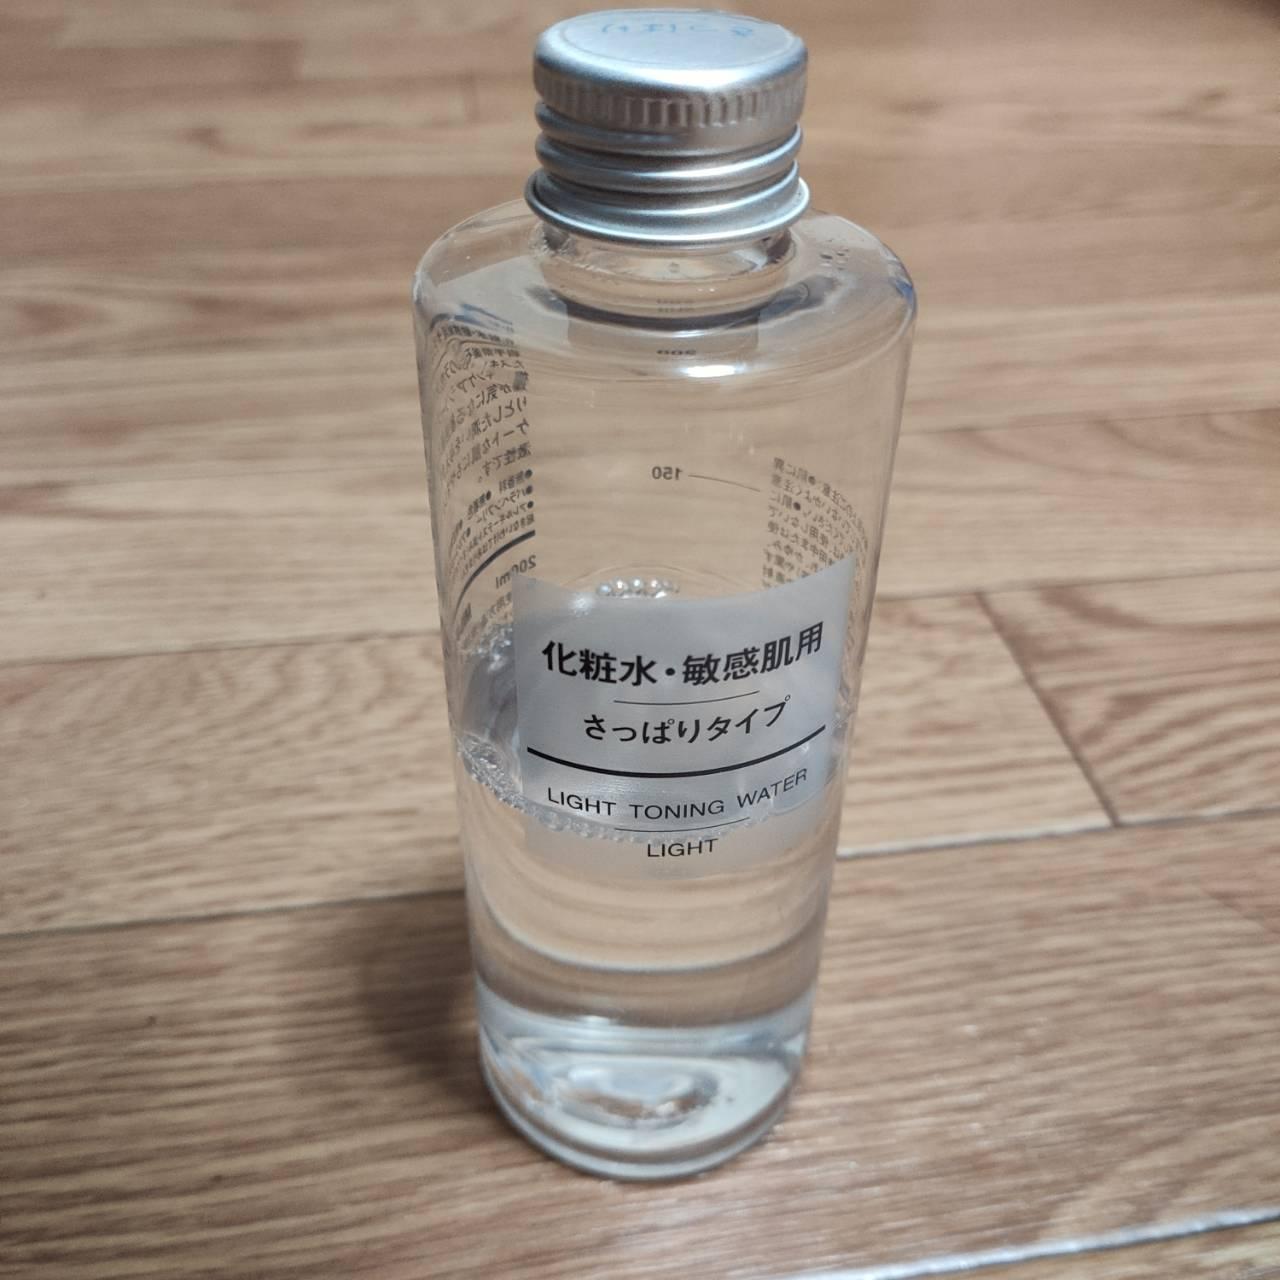 無印良品の化粧水がメンズにもおすすめ!買うなら敏感肌シリーズ!